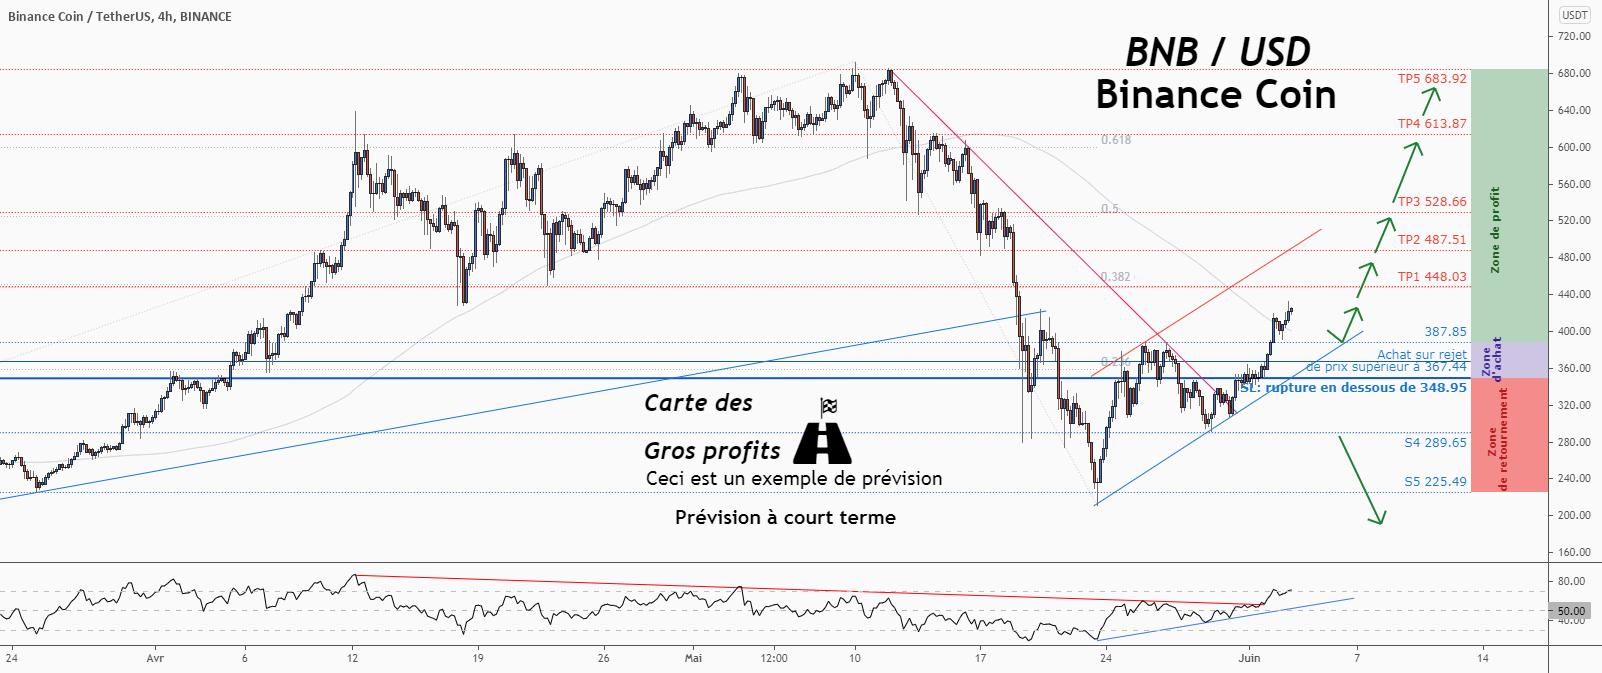 💡Ne manquez pas cette grande opportunité d'achat de BNBUSD pour BINANCE:BNBUSDT par ForecastCity_Francais